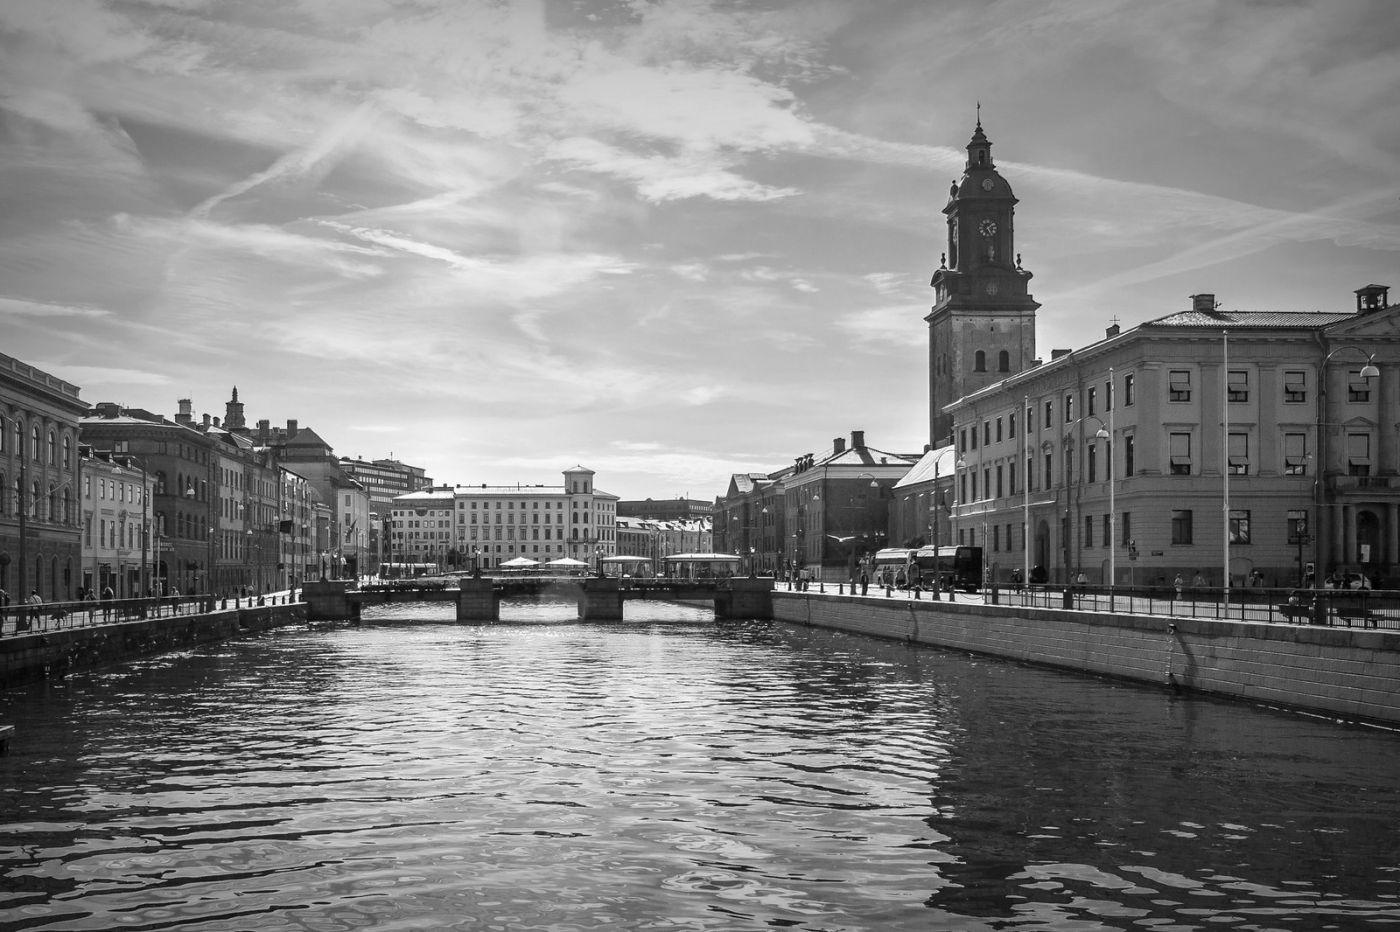 瑞典哥德堡,黑白世界_图1-18